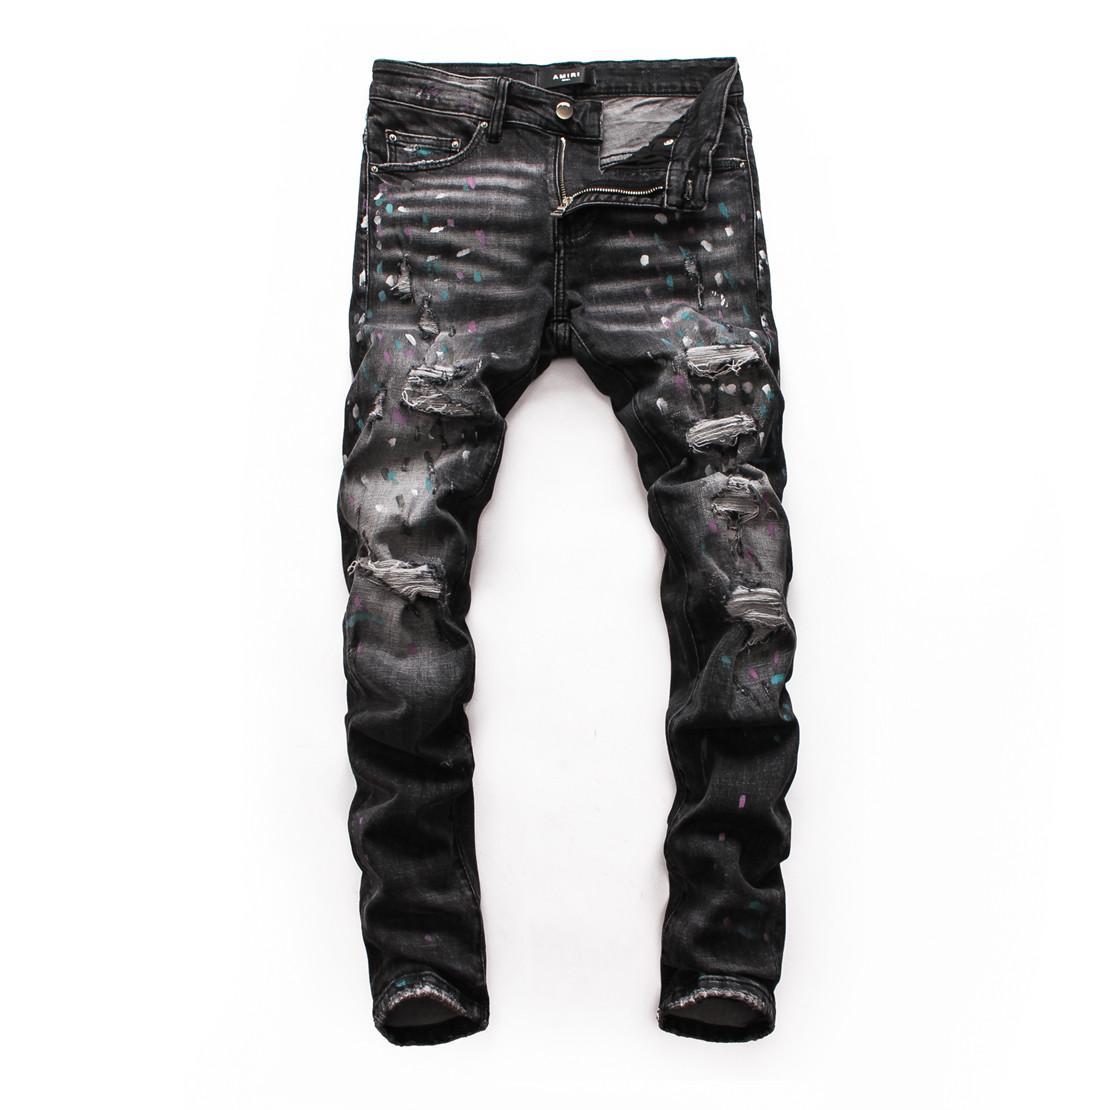 2020 Новые мужские Узкие джинсы Проблемные рваные джинсы Байкер Slim Fit Мотоцикл Байкер Denim для мужчин марка мужские рваные джинсы мужские бегуны